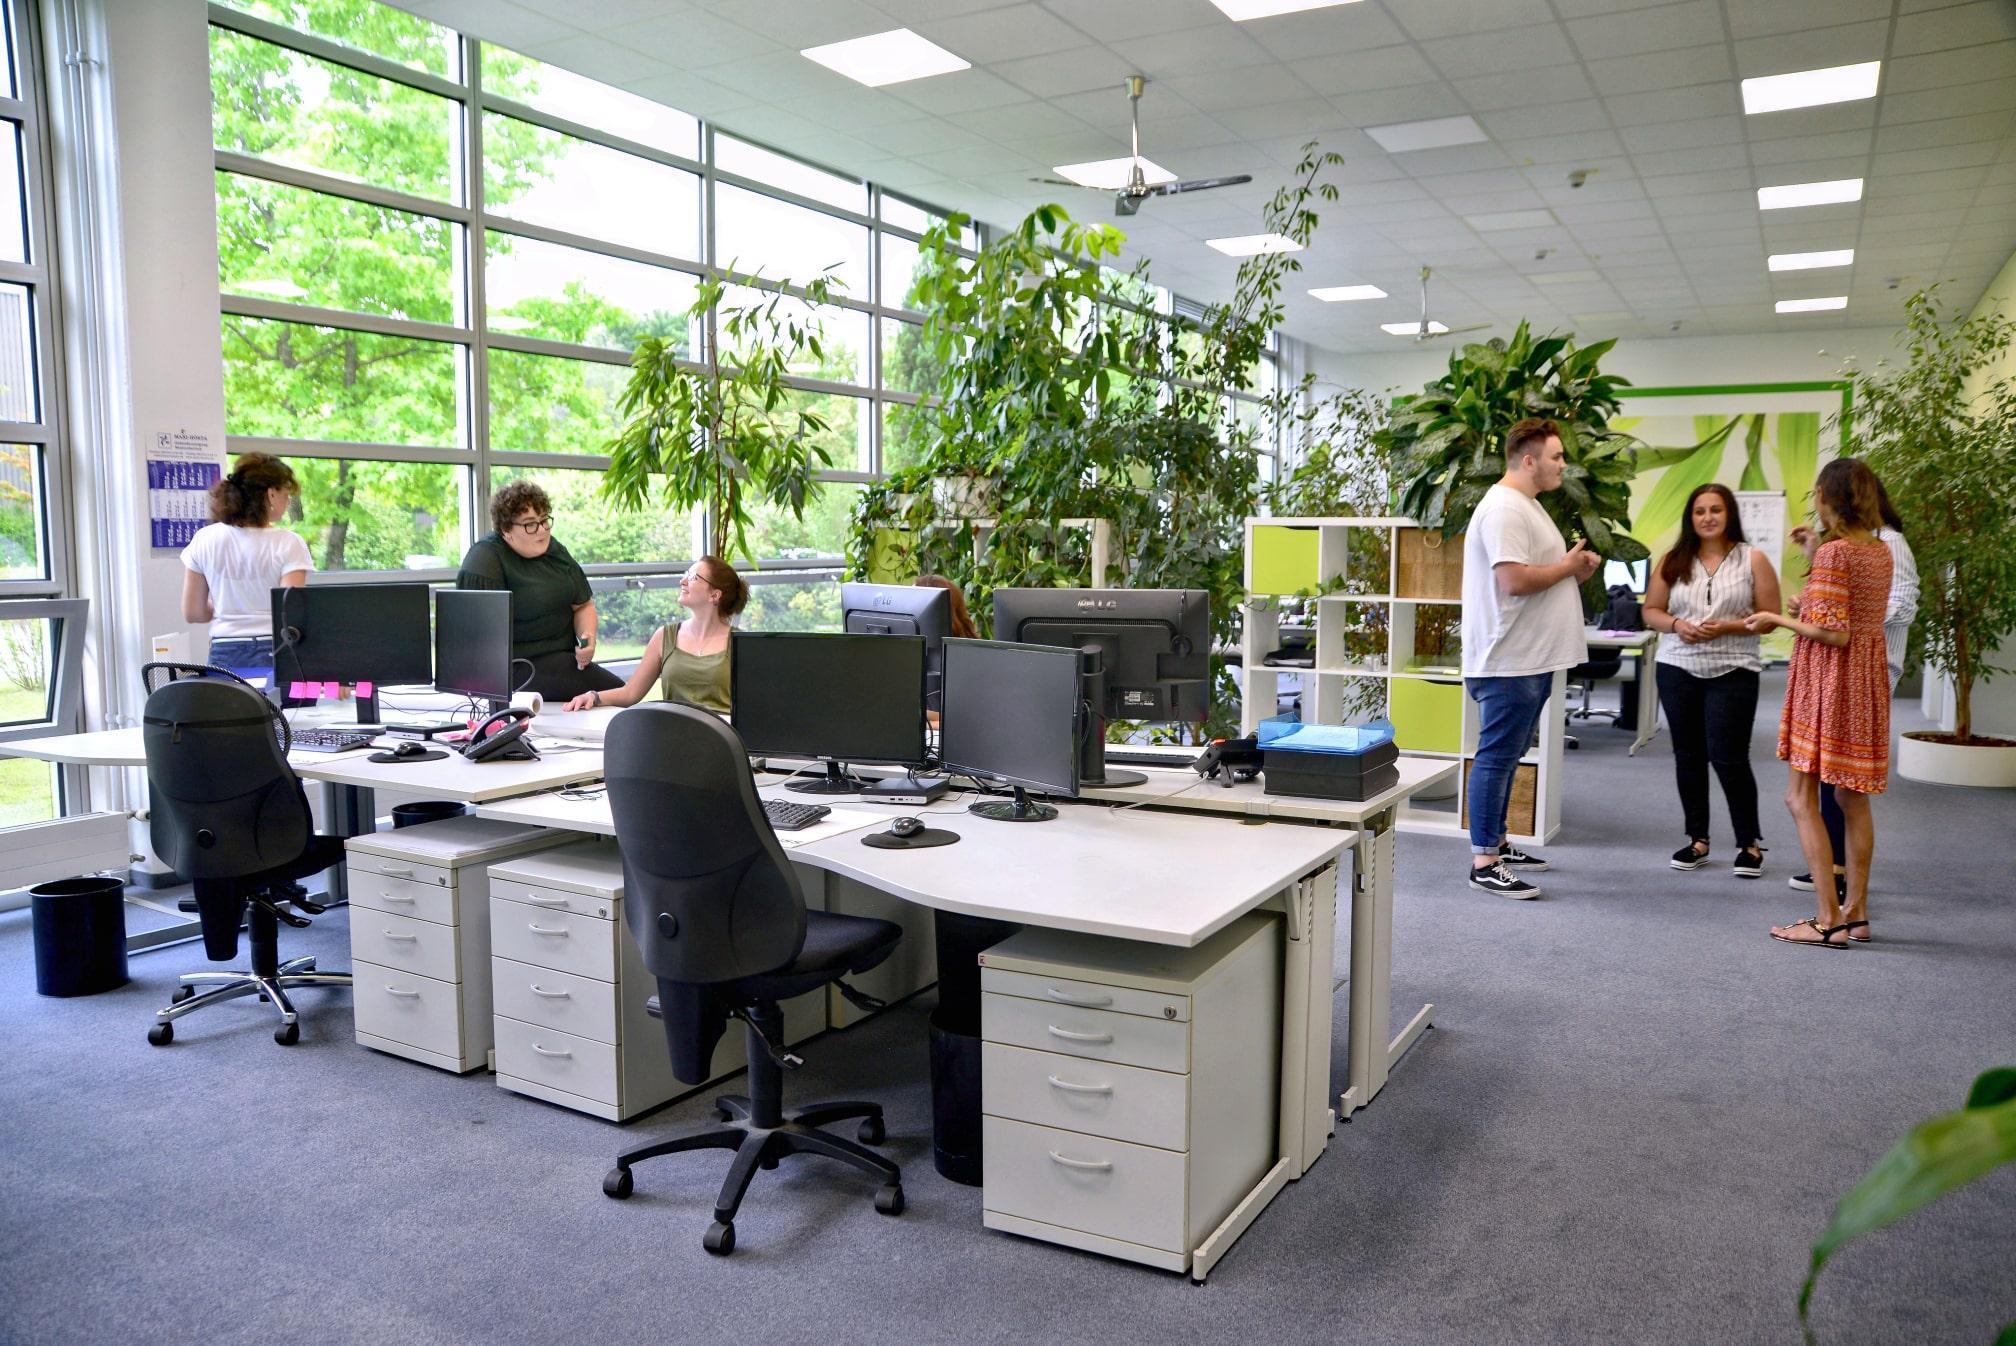 krauss-arbeitsplatz